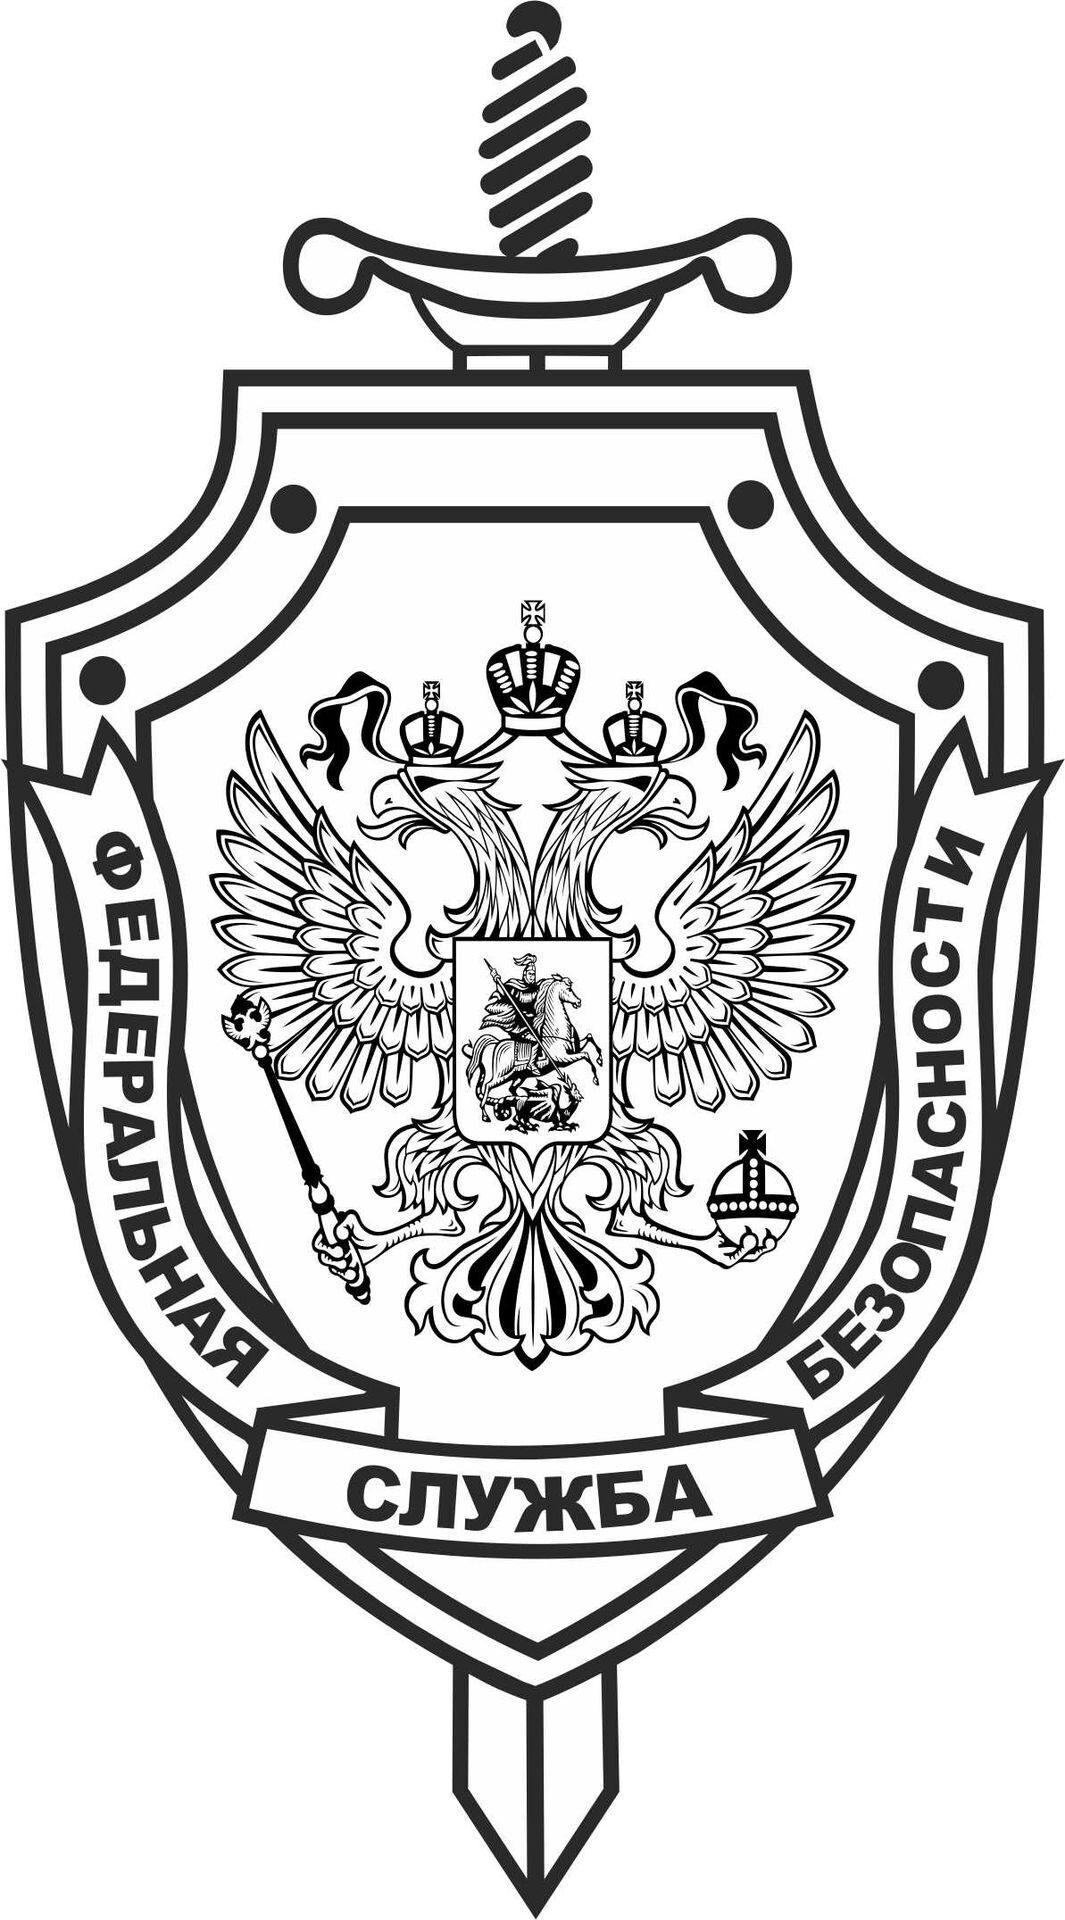 РАЗРАБОТКА ИНТЕРНЕТ МАГАЗИНА ФРЯЗИНО